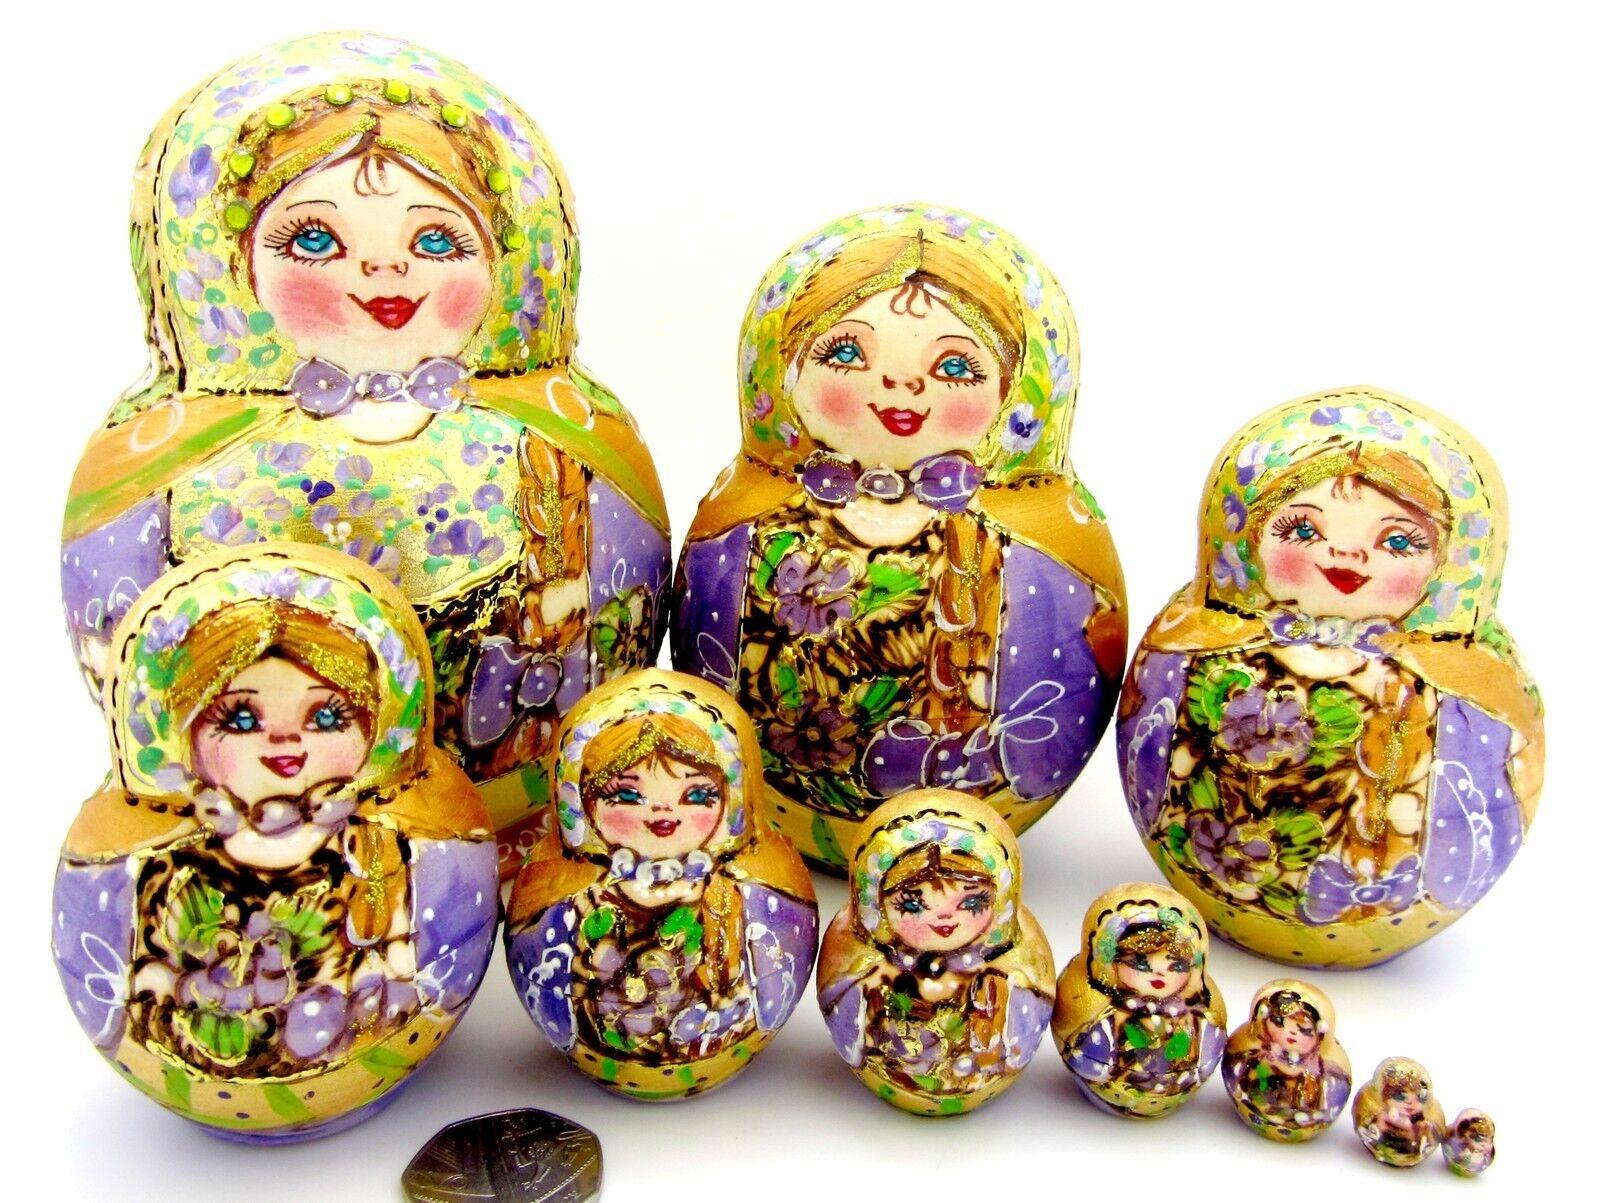 Pirografia gree Matriosca  Baautobushka oro Lilla 10 Mamayeva nidificazione bambole russe  incentivi promozionali